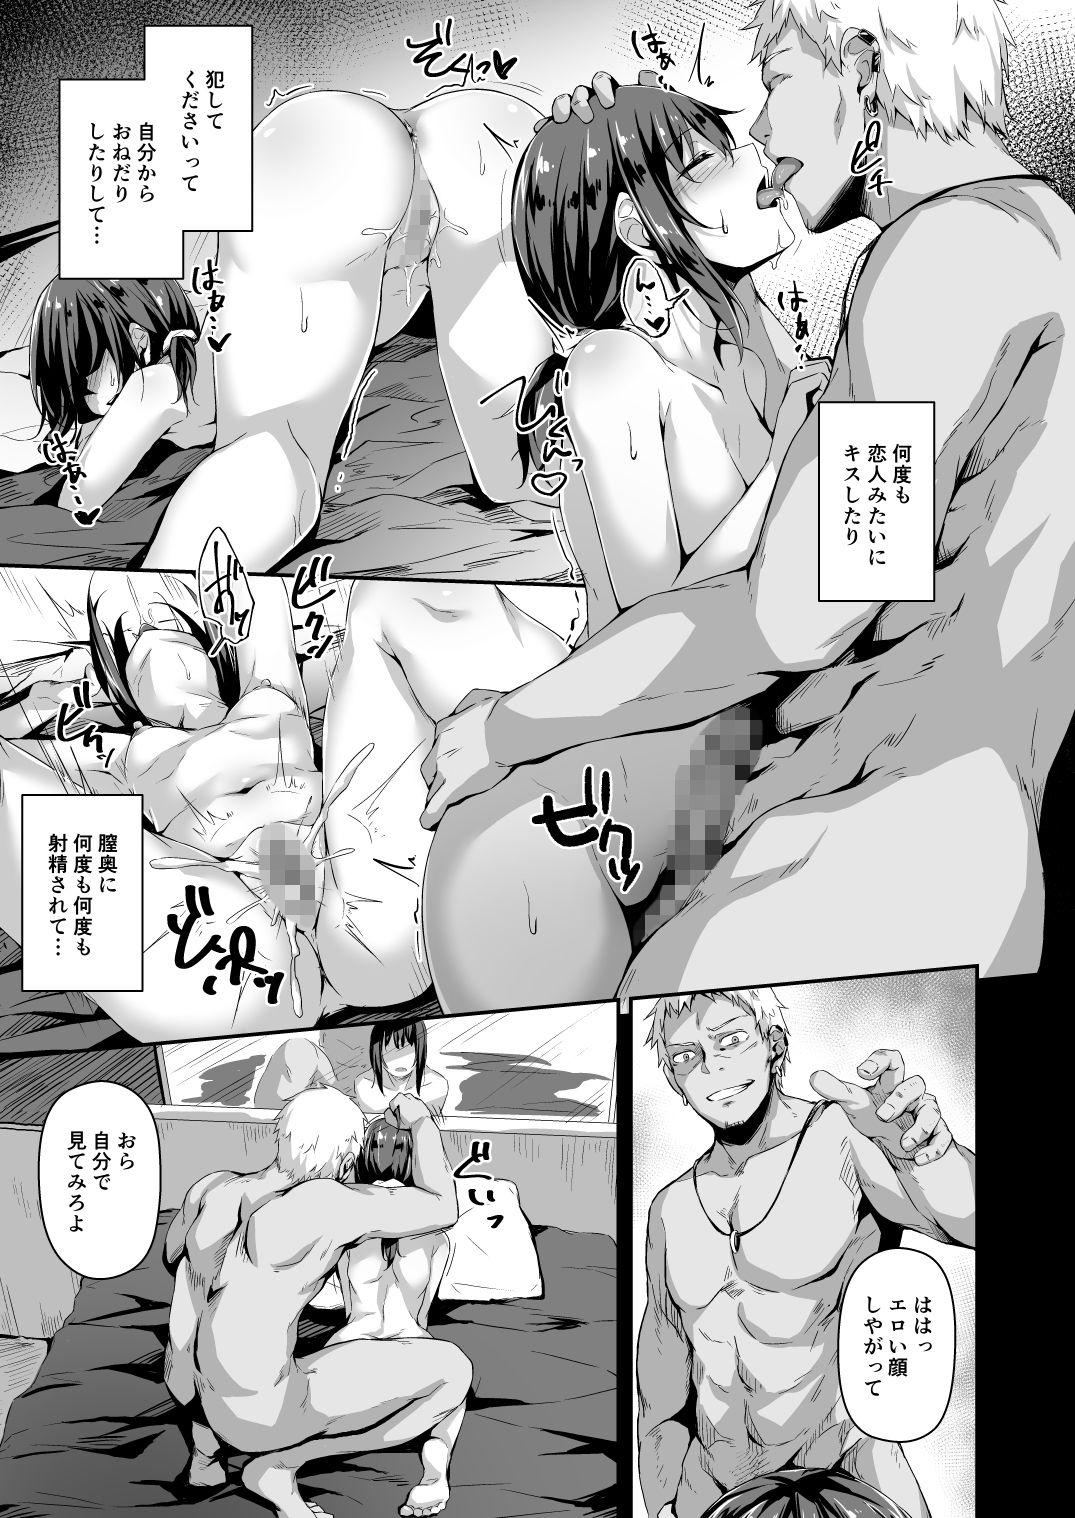 【エロ漫画無料大全集】【NTLエロ漫画】寝取らせプレイをする彼氏持ちJKが彼氏よりも肉棒を求める淫乱肉便器に開発されて…